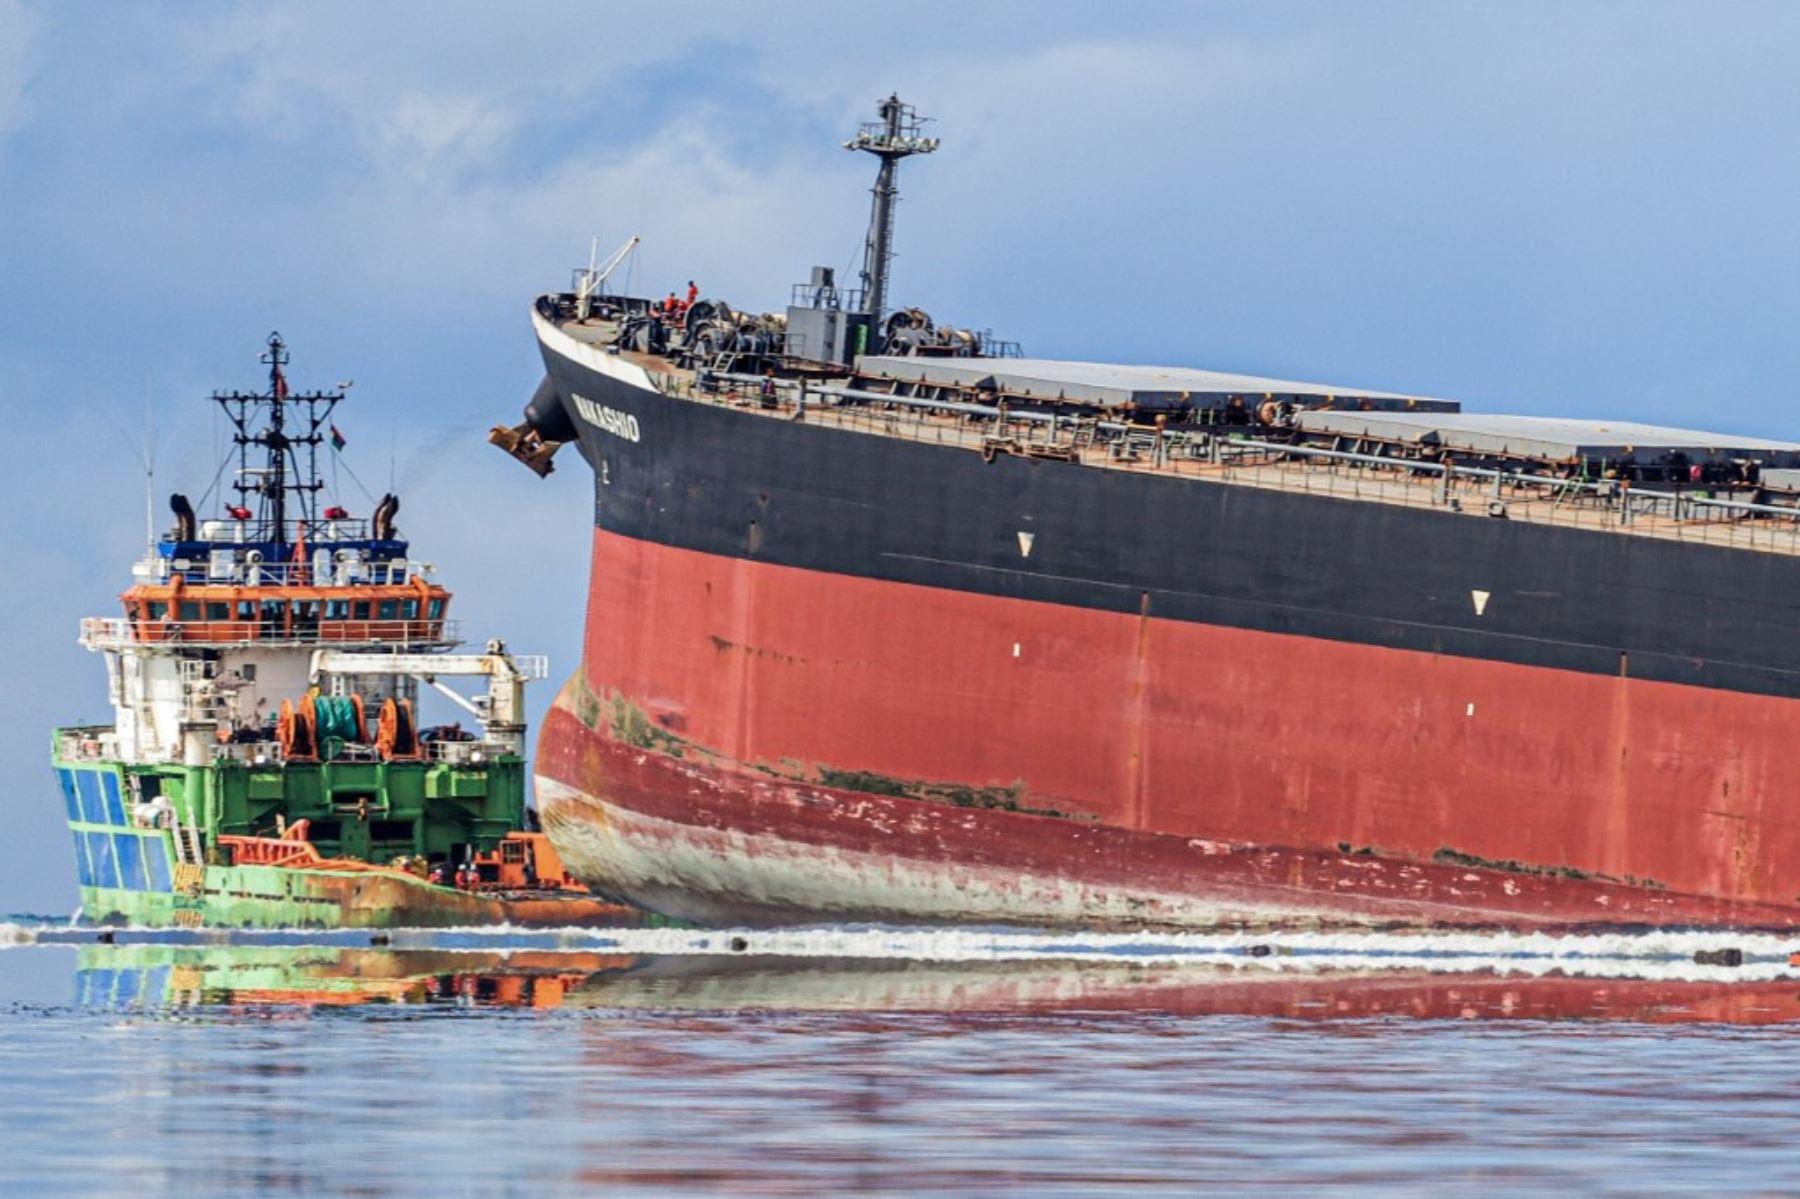 Trabajadores miran desde un barco hacia el buque MV F. responsable del derrame de petróleo. Foto: AFP